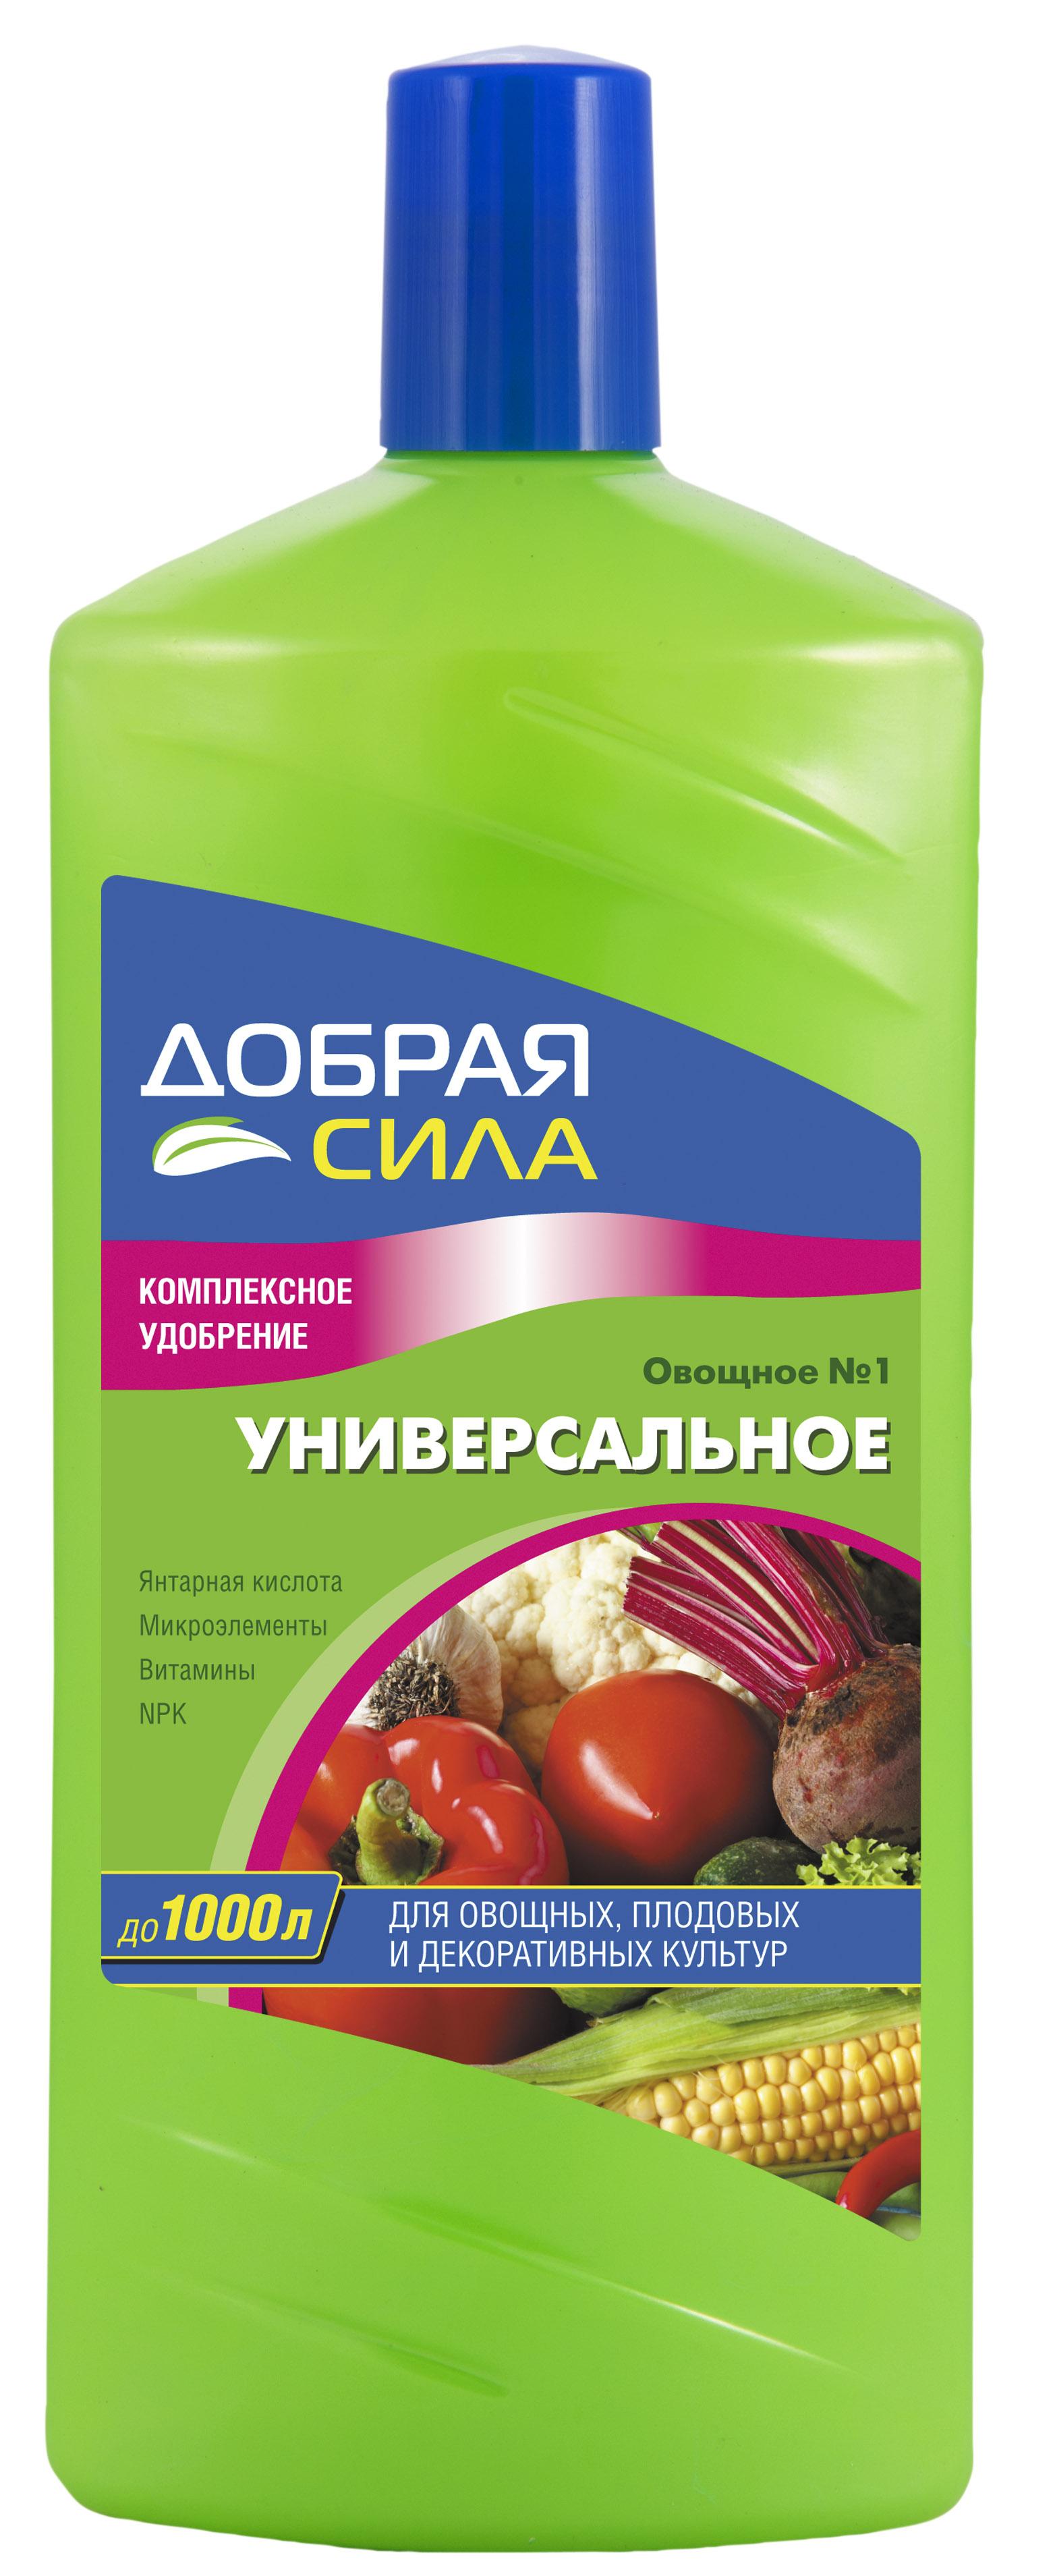 Жидкое комплексное удобрение Добрая Сила, универсальное, для овощных, плодовых и декоративных культур, 1 л питание для растений 9 букв